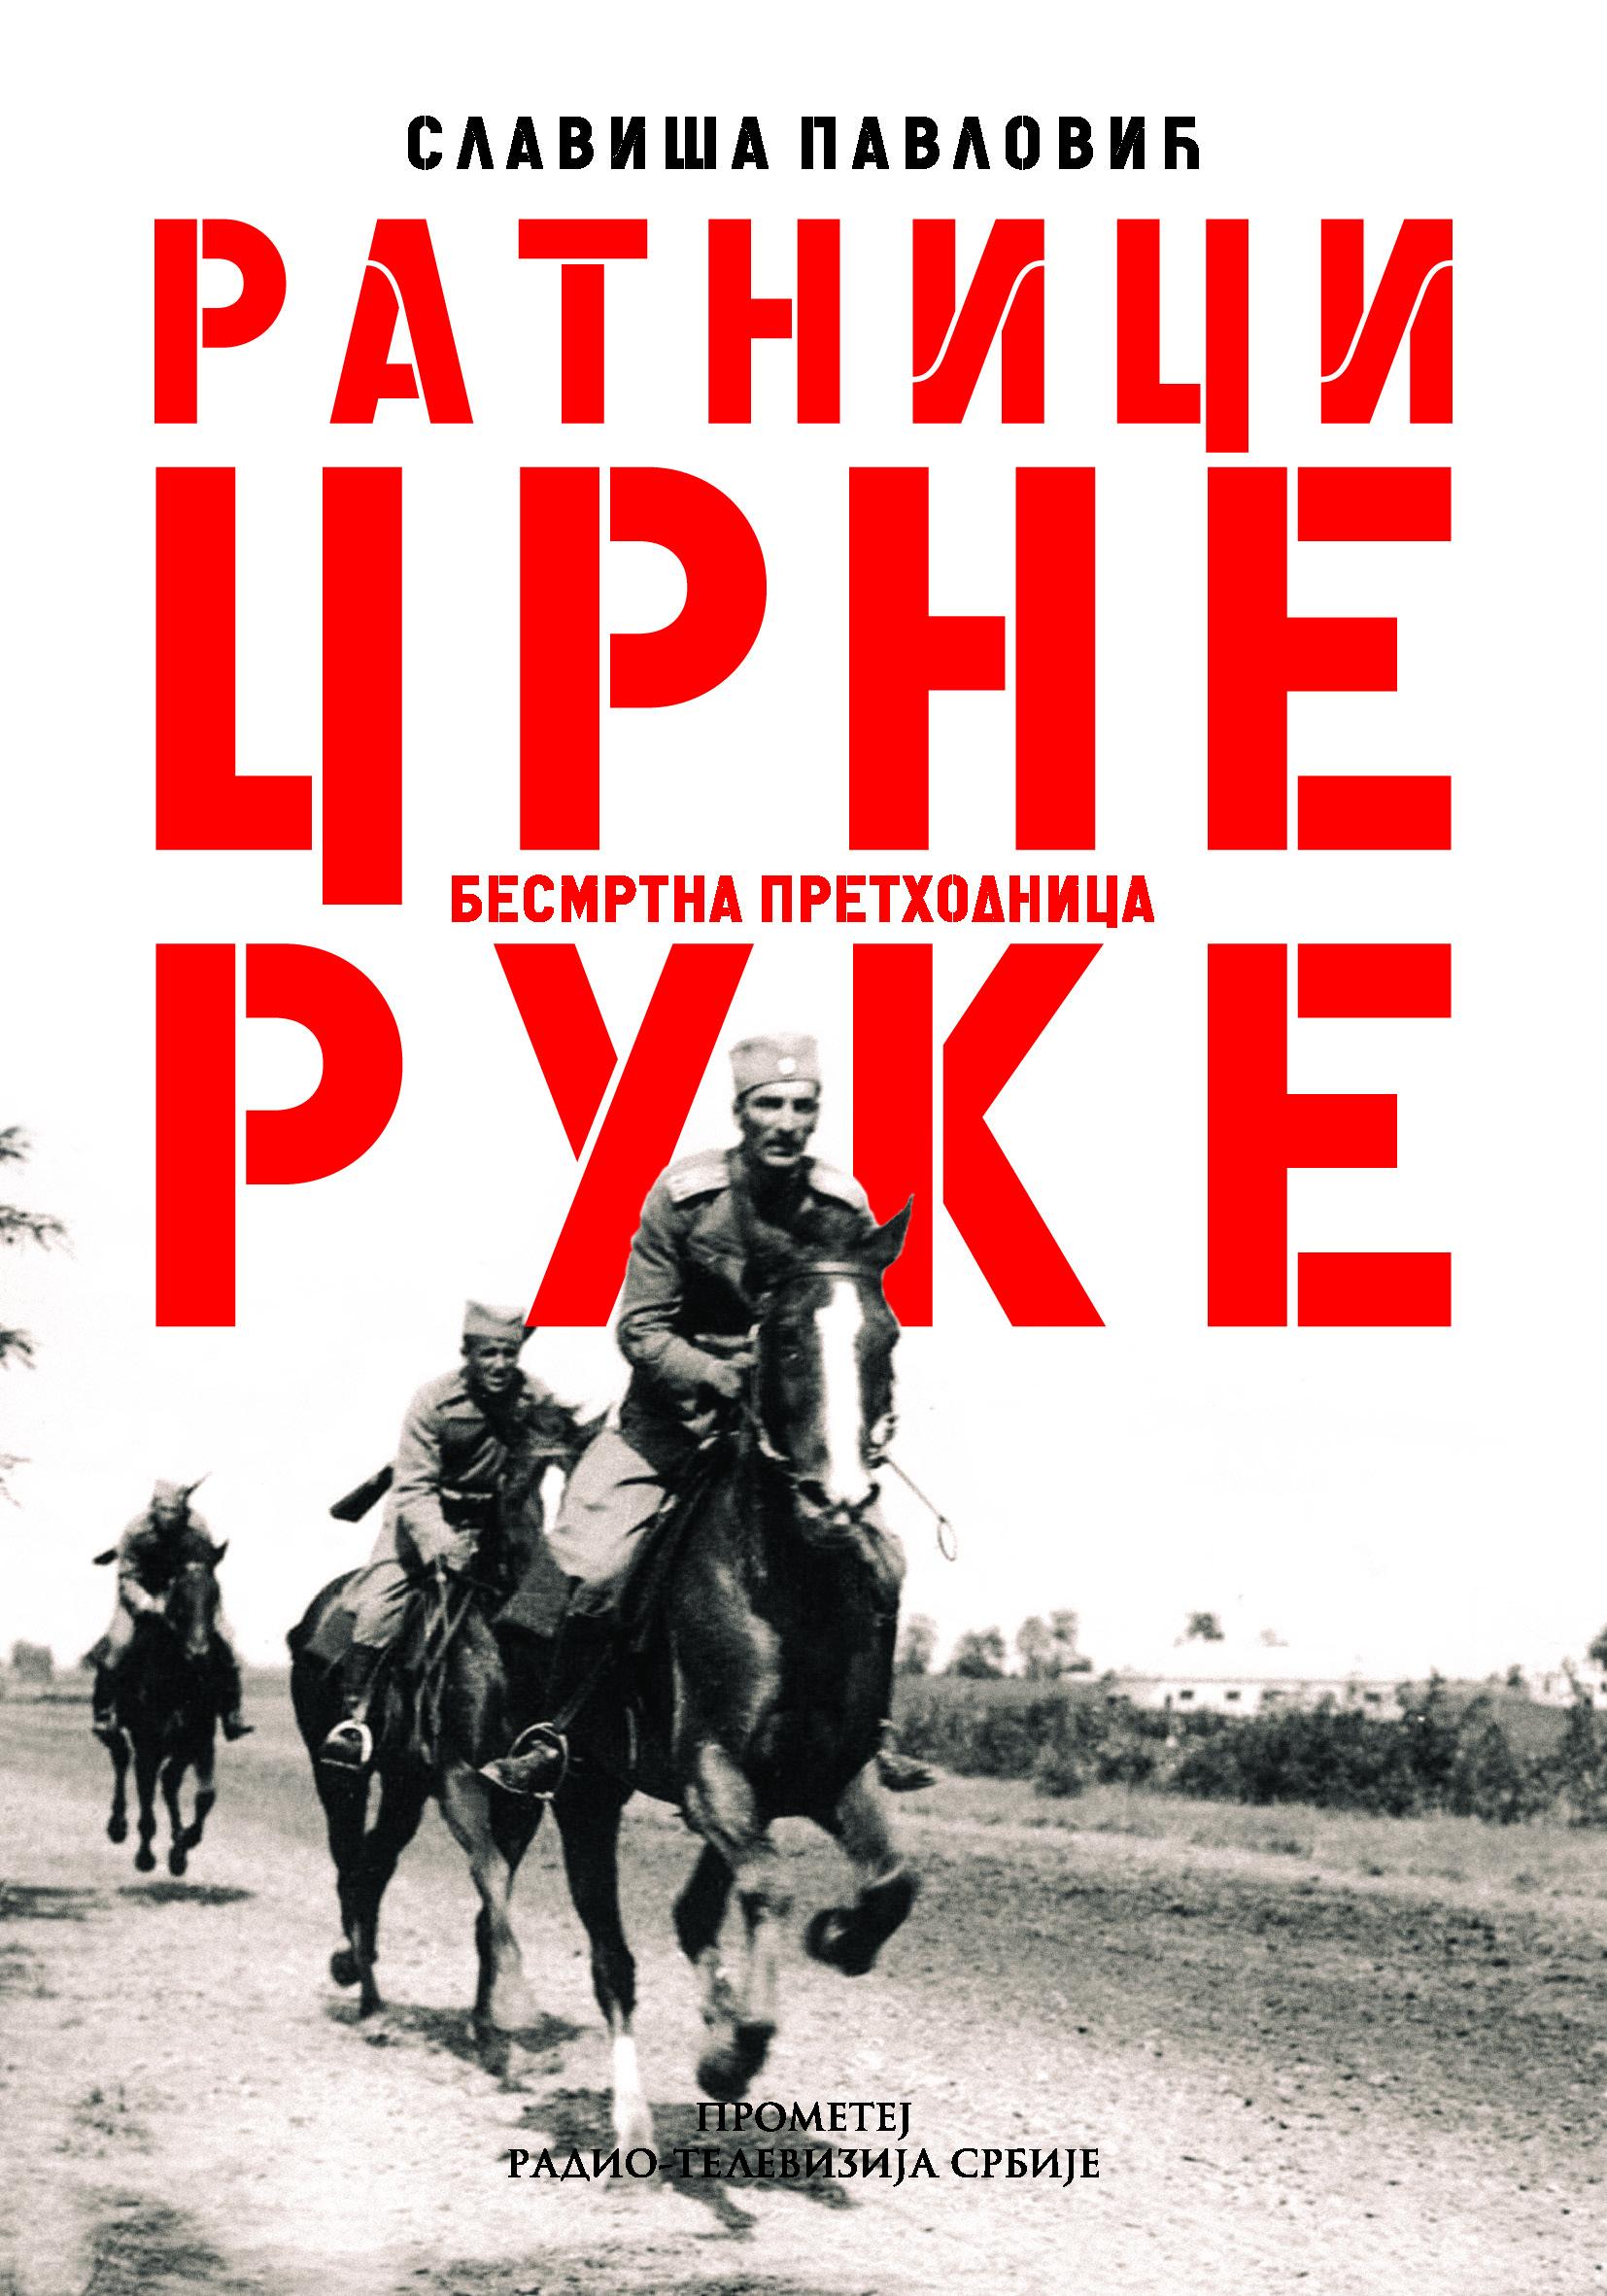 Ratnici Crne ruke – besmrtna pretehodnica 2. izdanje